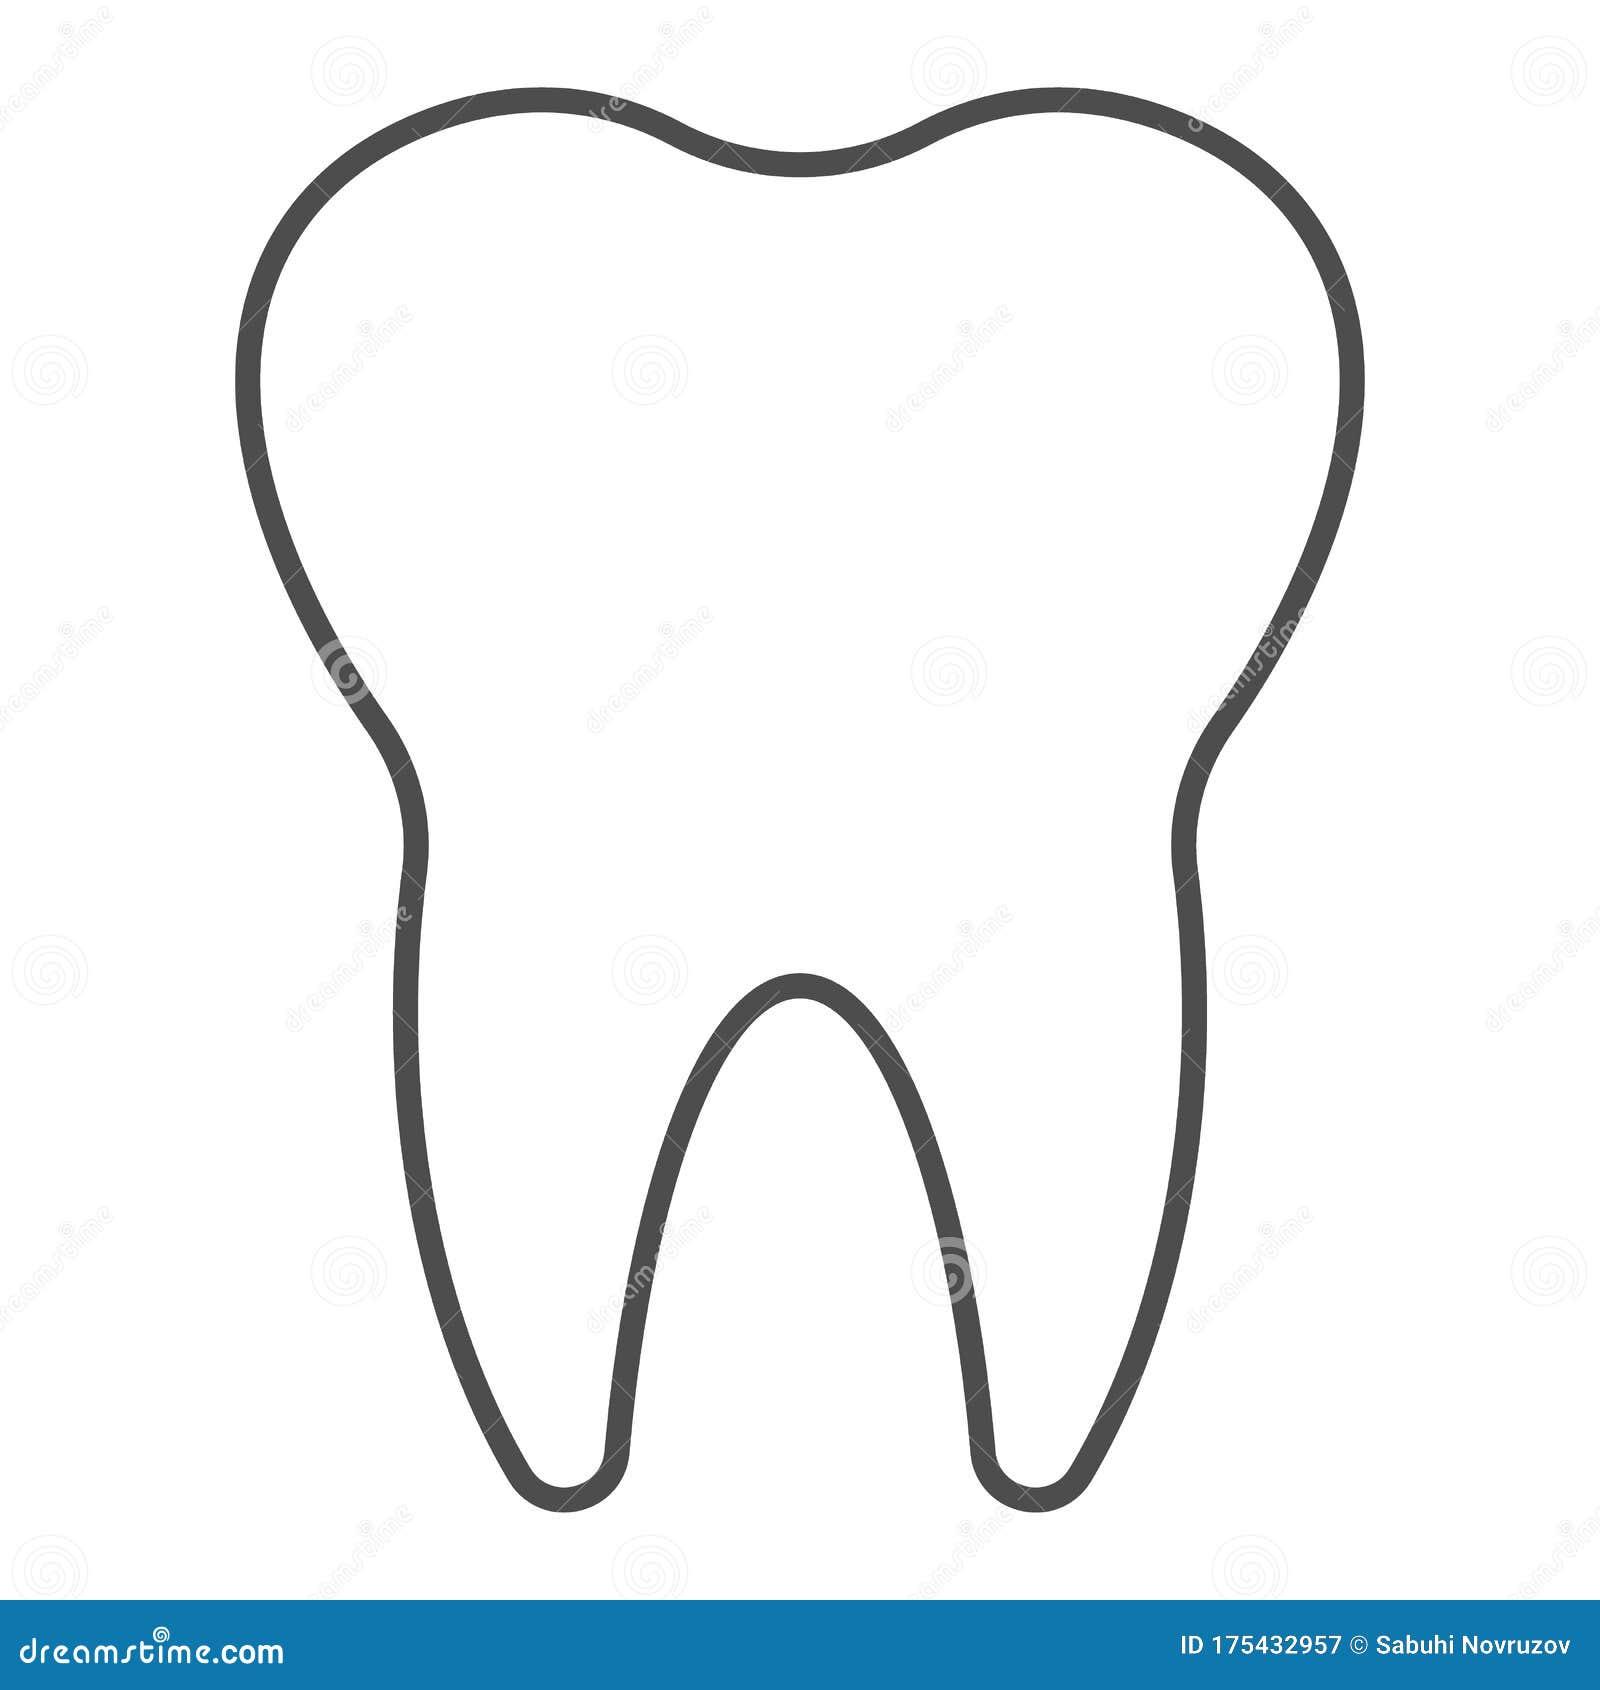 reinigen sie einen zahn mit einem dünnen strichsymbol